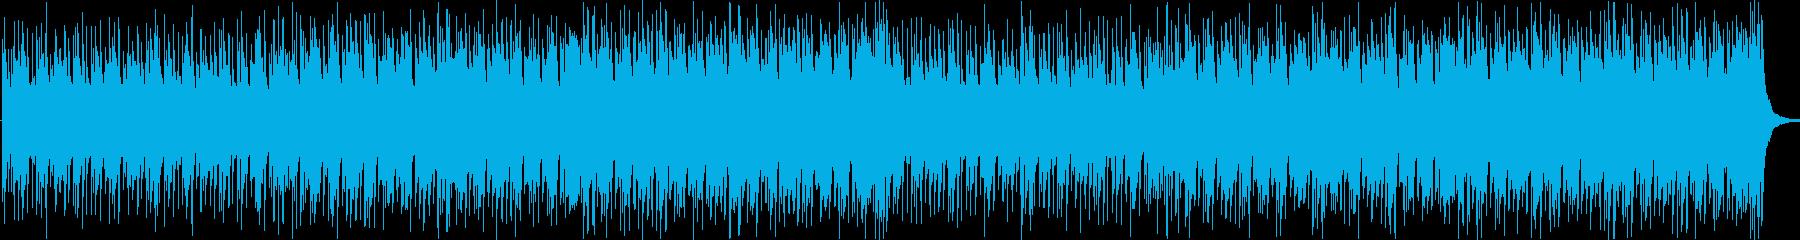 軽快爽やか楽しい夏ハワイレゲエラテン曲bの再生済みの波形